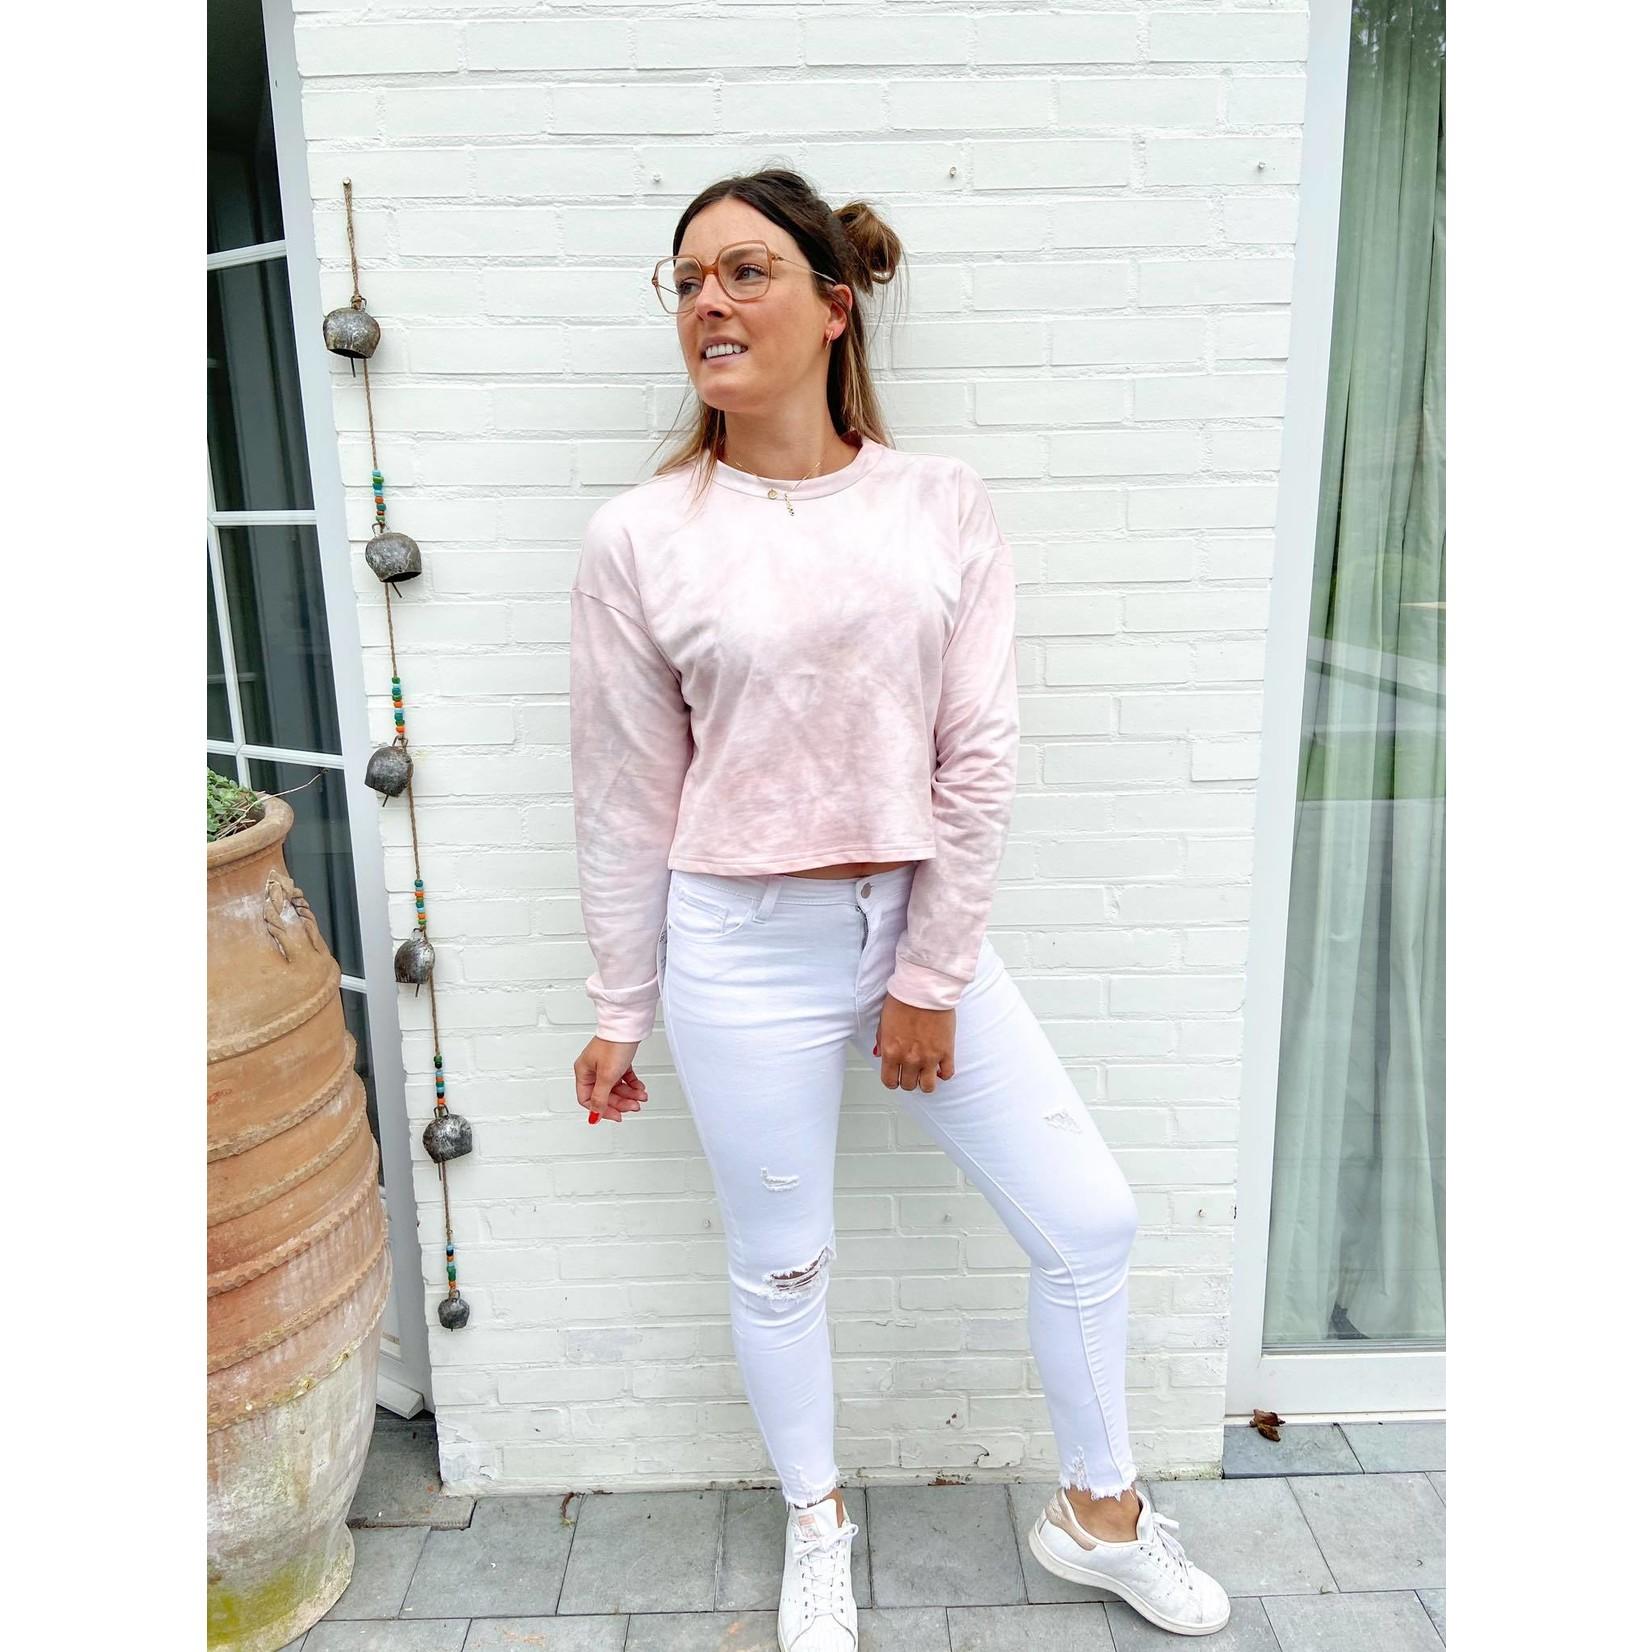 CELINE SHORT SWEATER pink tie dye